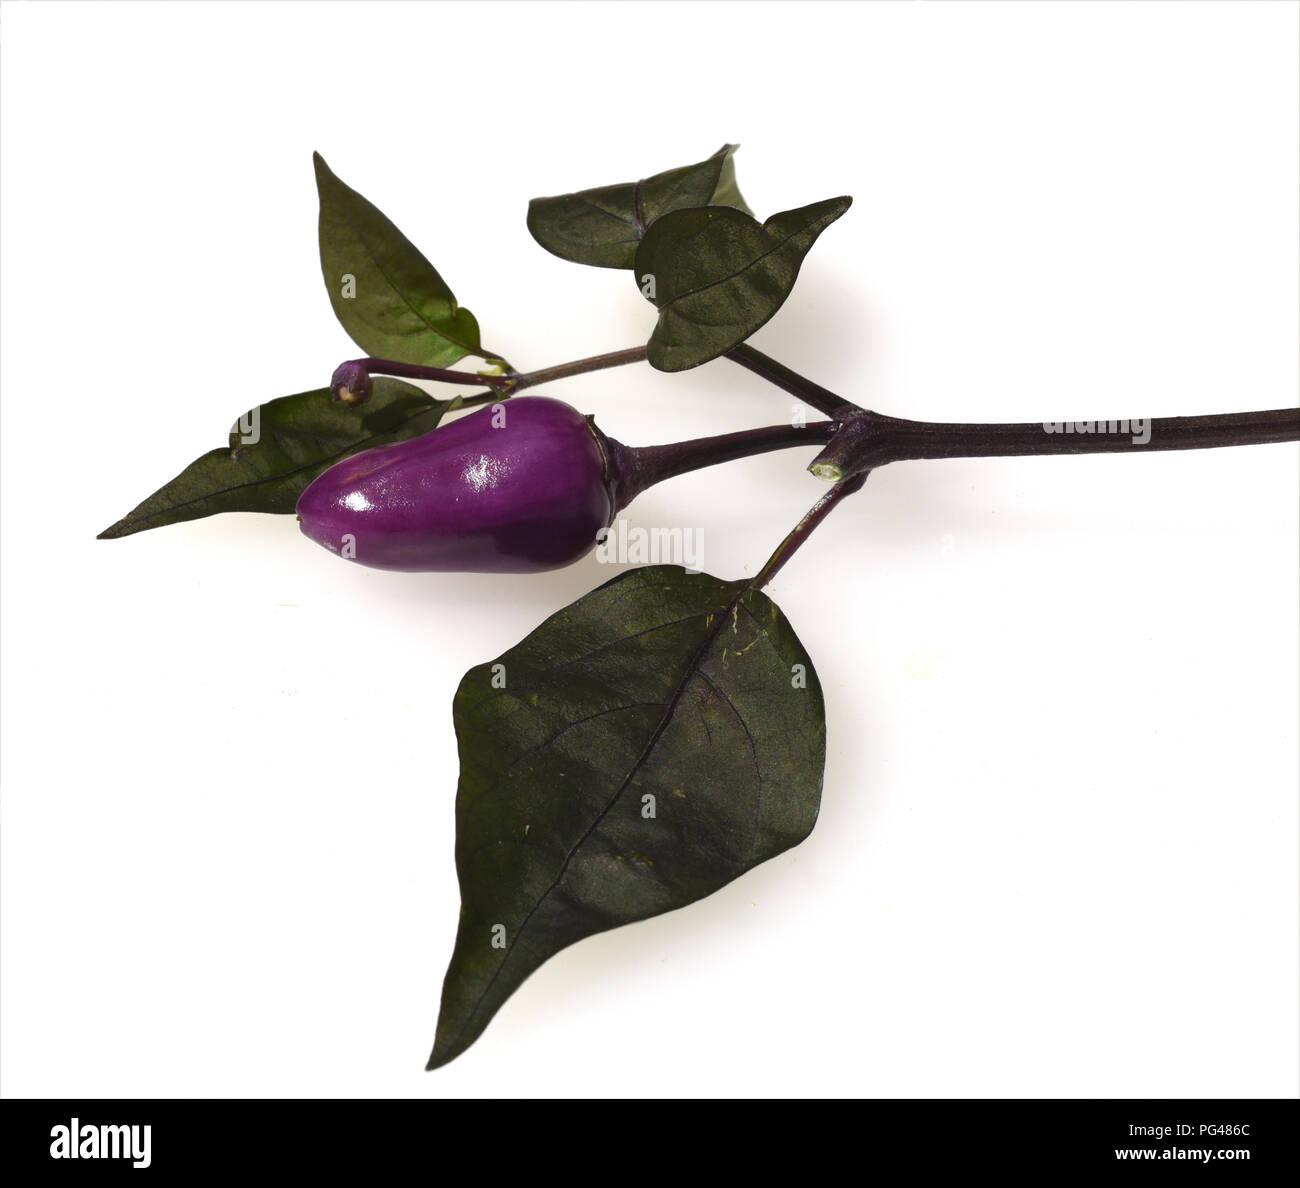 Topfchili, Chili, Lila Luzi F1, Kraeuter, Heilpflanze - Stock Image